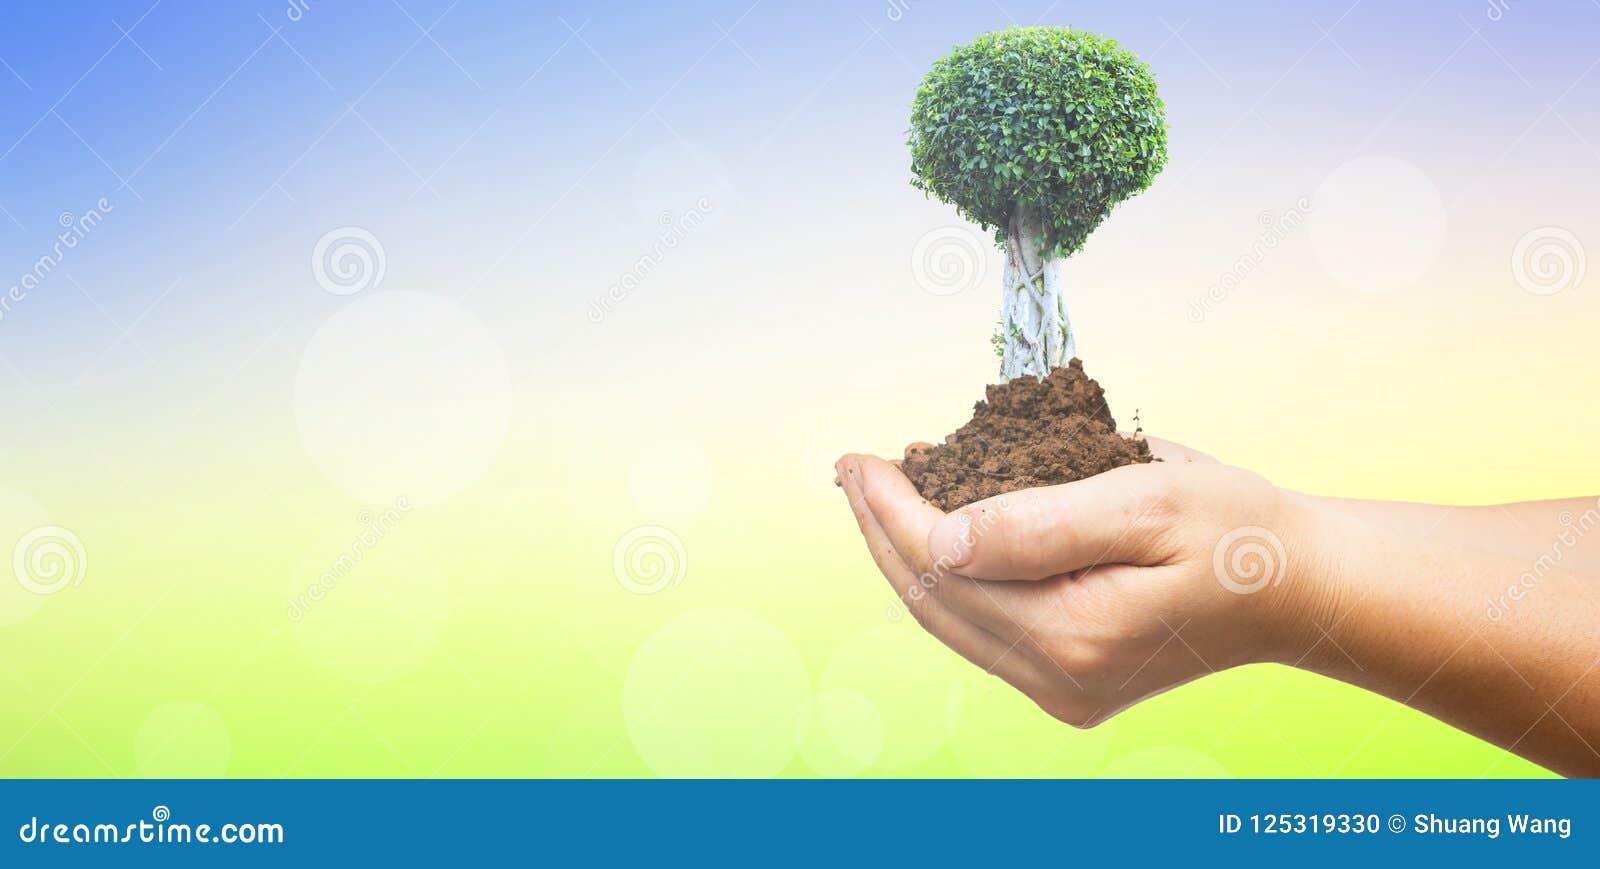 Έννοια ημέρας παγκόσμιου περιβάλλοντος: Ανθρώπινα χέρια που κρατούν το μεγάλο δέντρο πέρα από το πράσινο δασικό υπόβαθρο